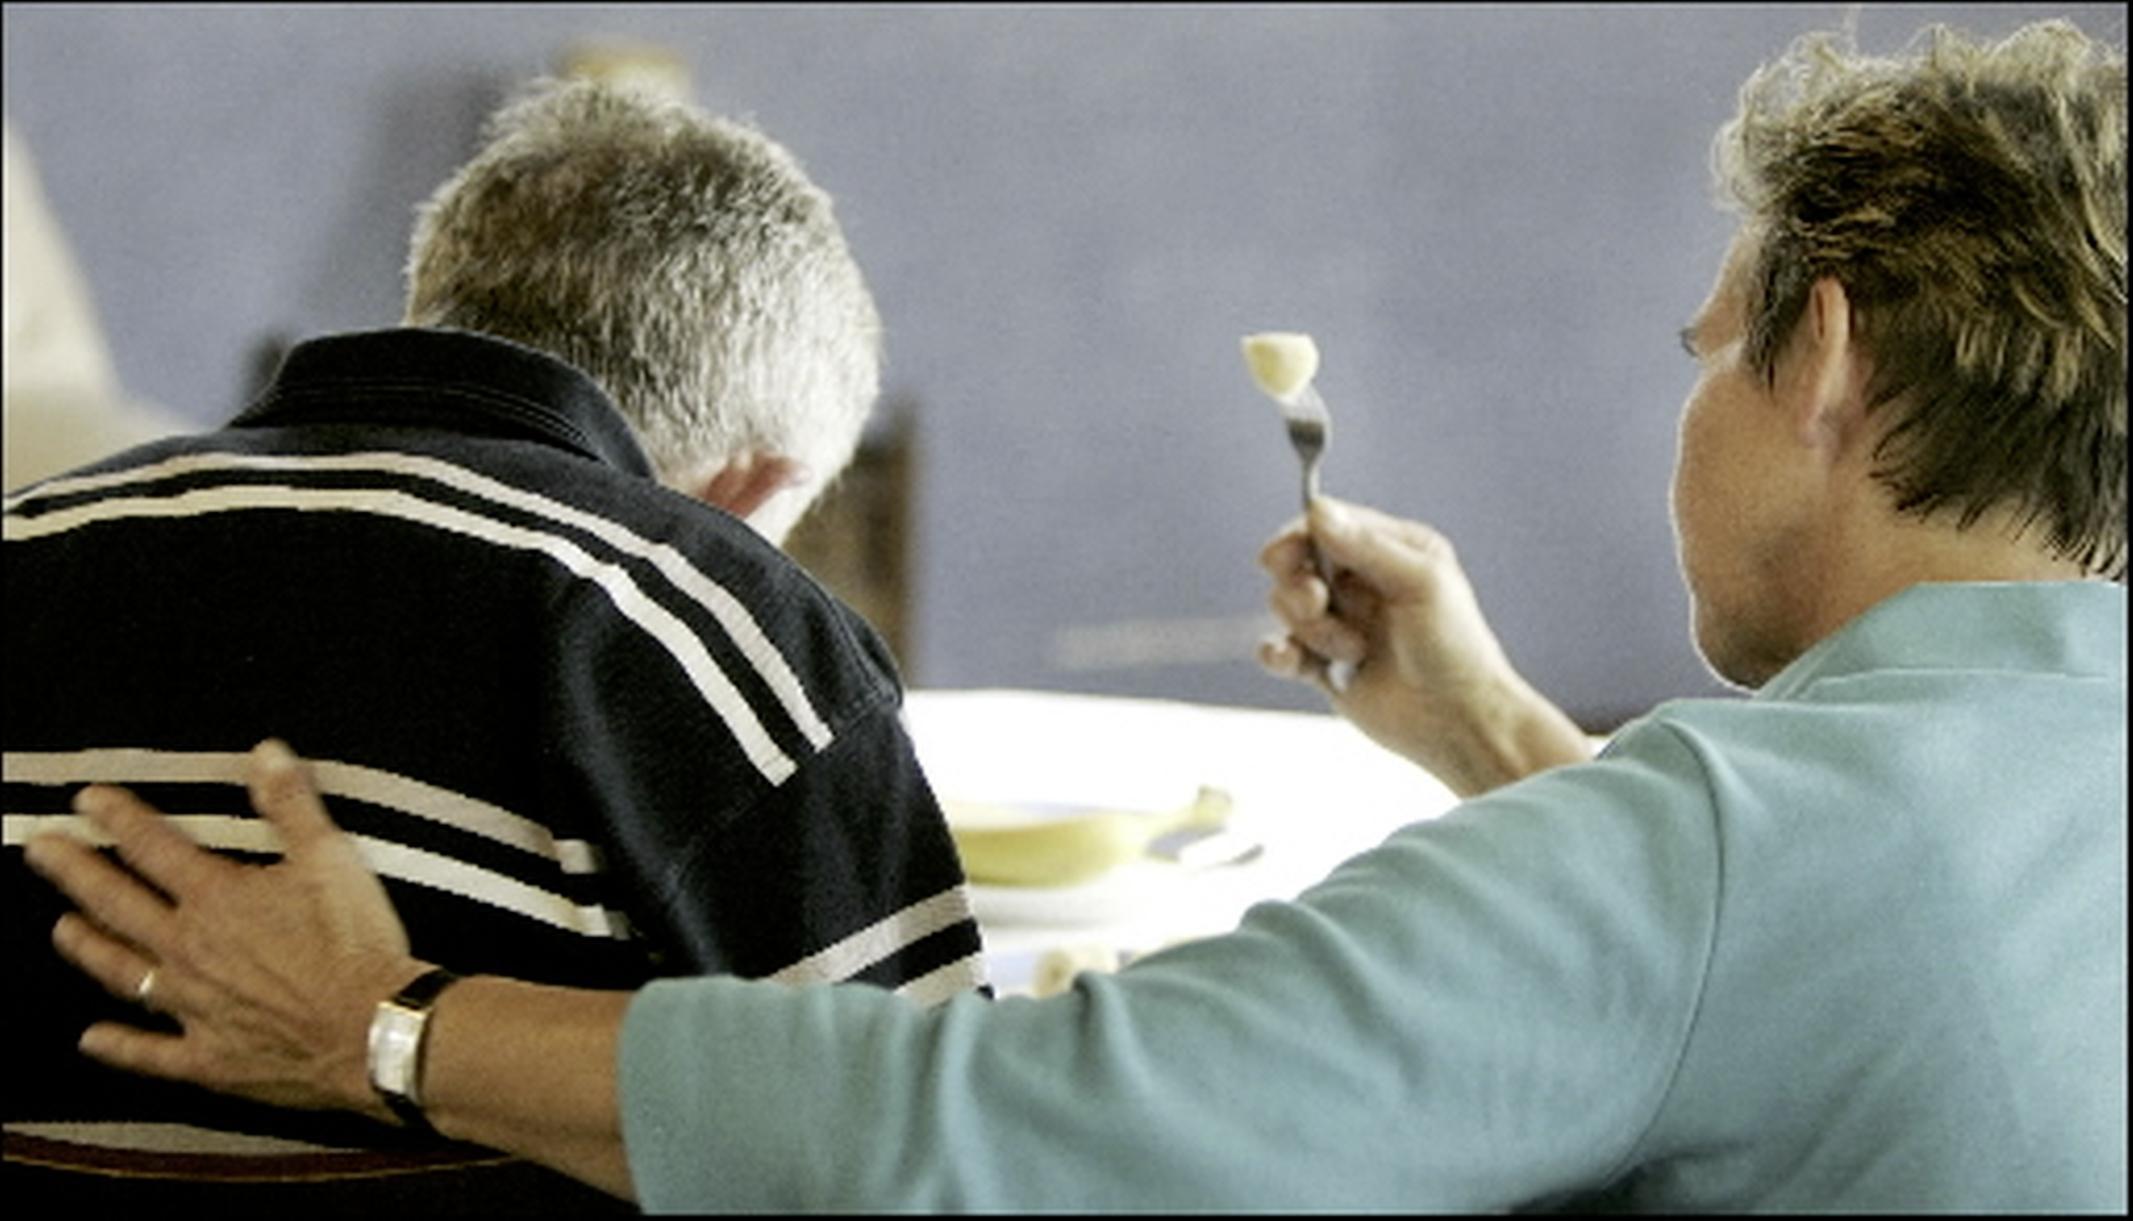 Coronajaar zorgt voor extra belasting en toename mantelzorgers; dementie vraagt meeste zorg in Schagen en Hollands Kroon, ouderdomskwalen bovenaan in Den Helder